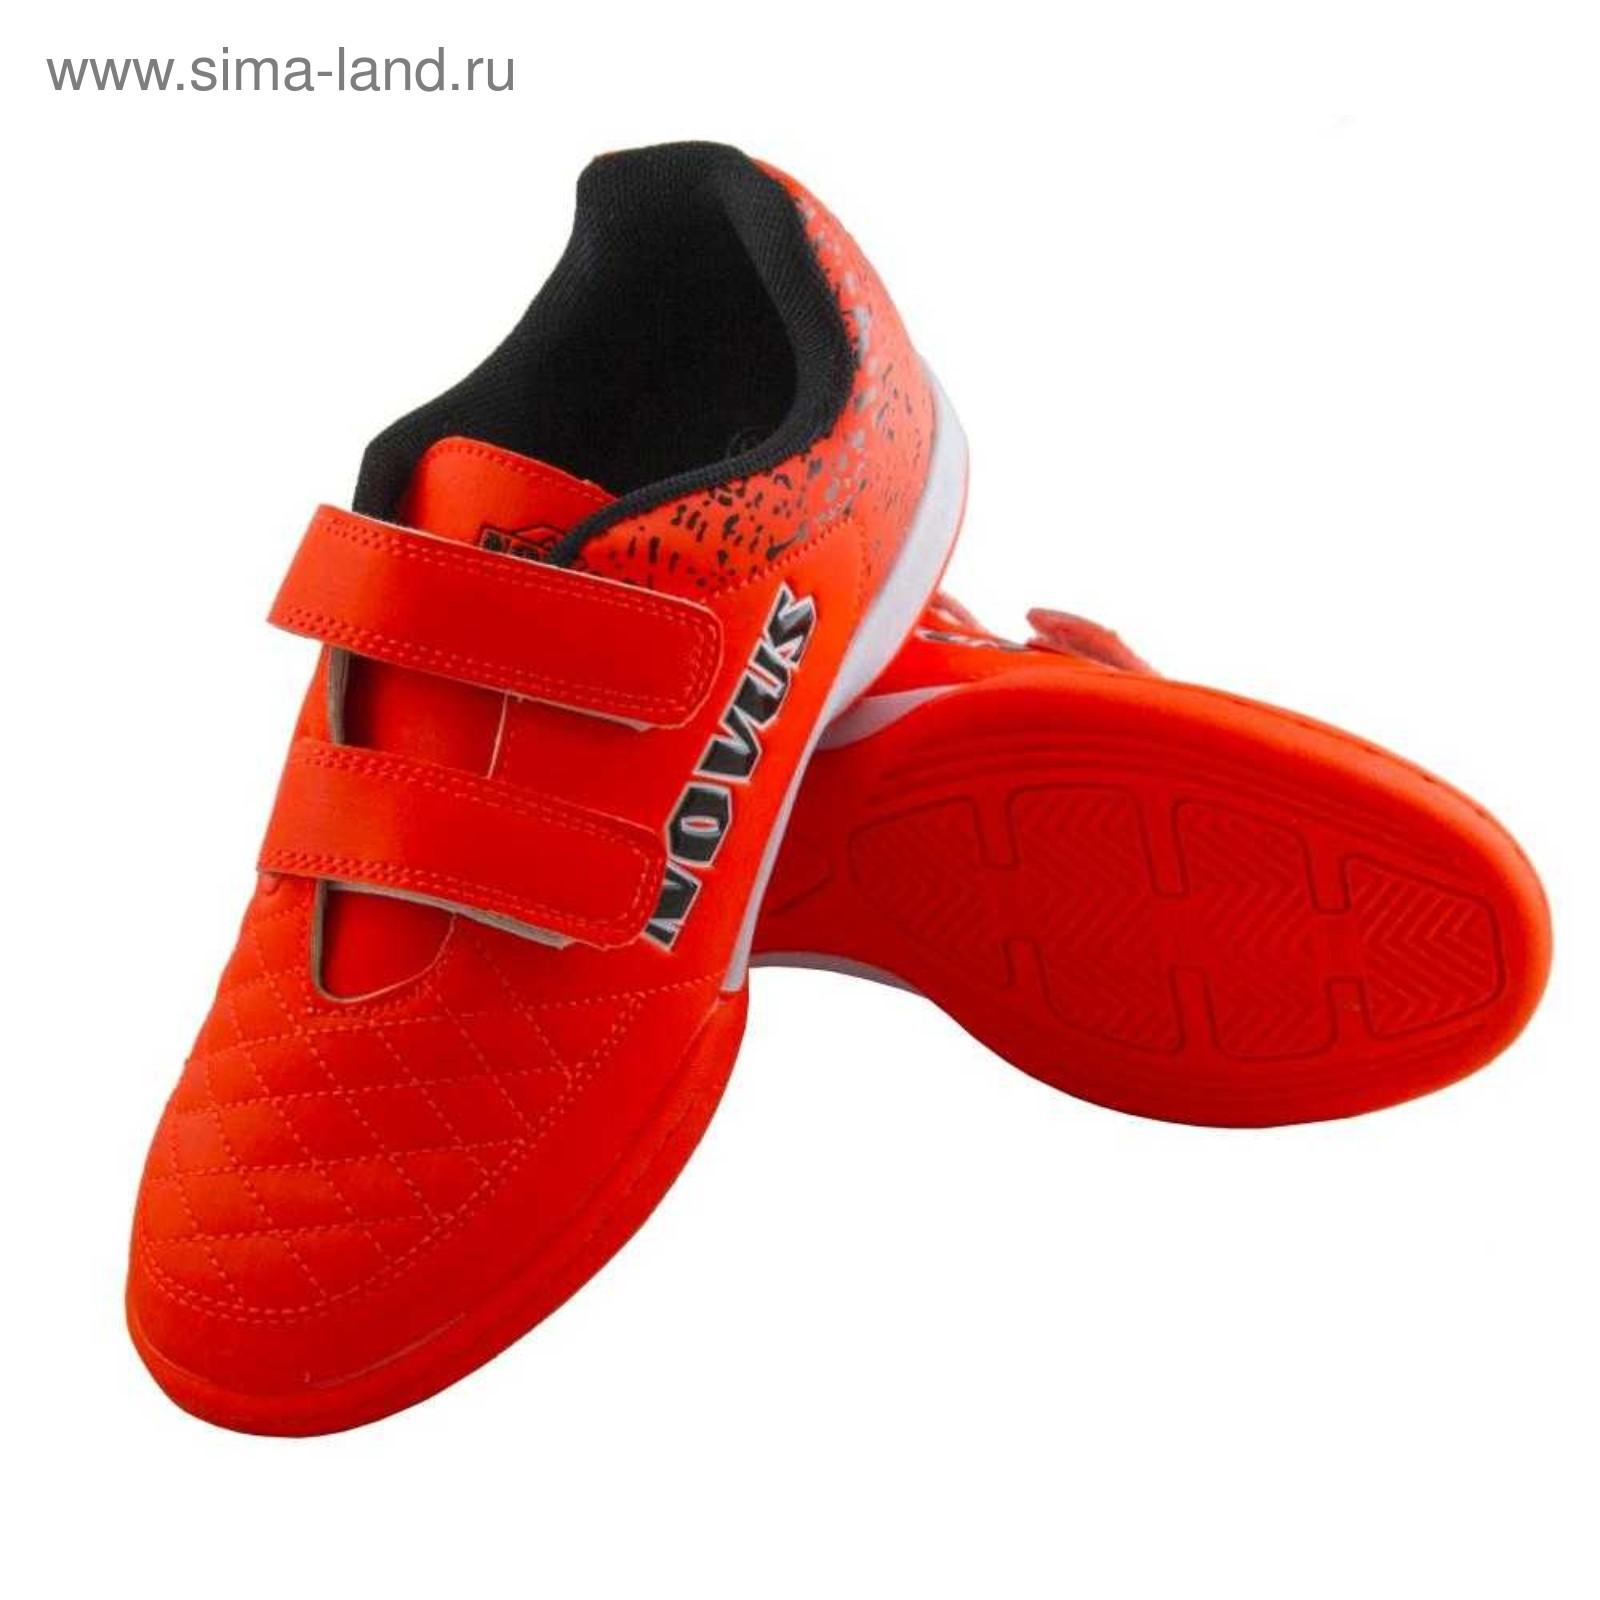 df00b24e Футбольные бутсы Novus, цвет оранжевый, размер 28 (3843644) - Купить ...